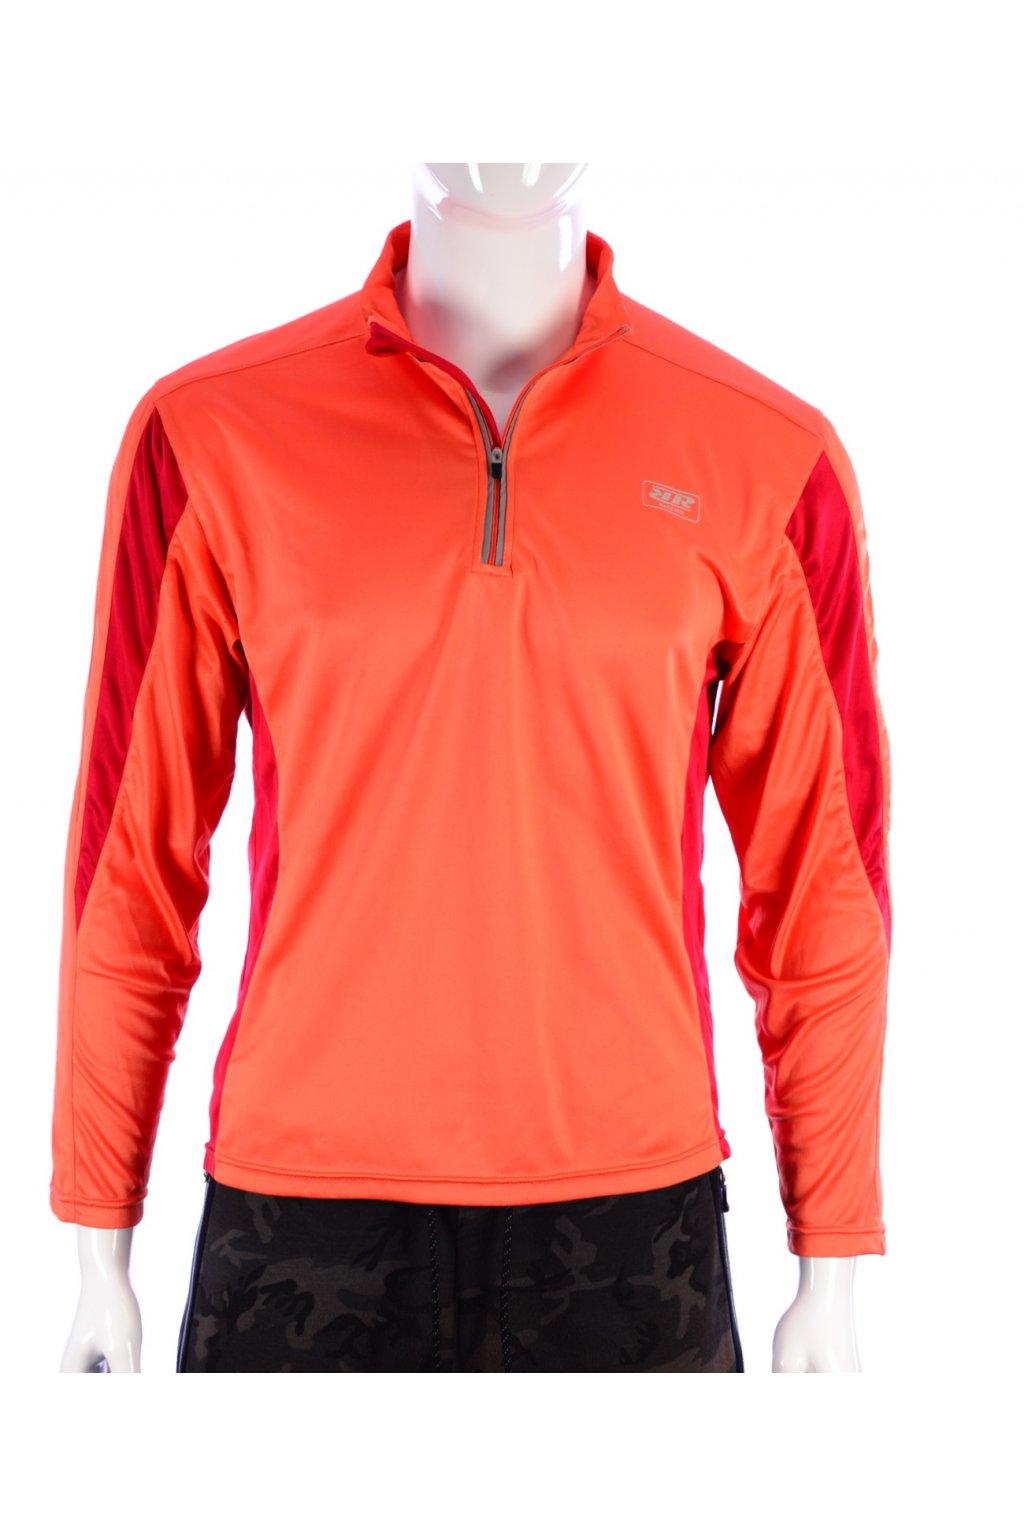 Tričko sportovní oranžové Feroti sport vel. XL